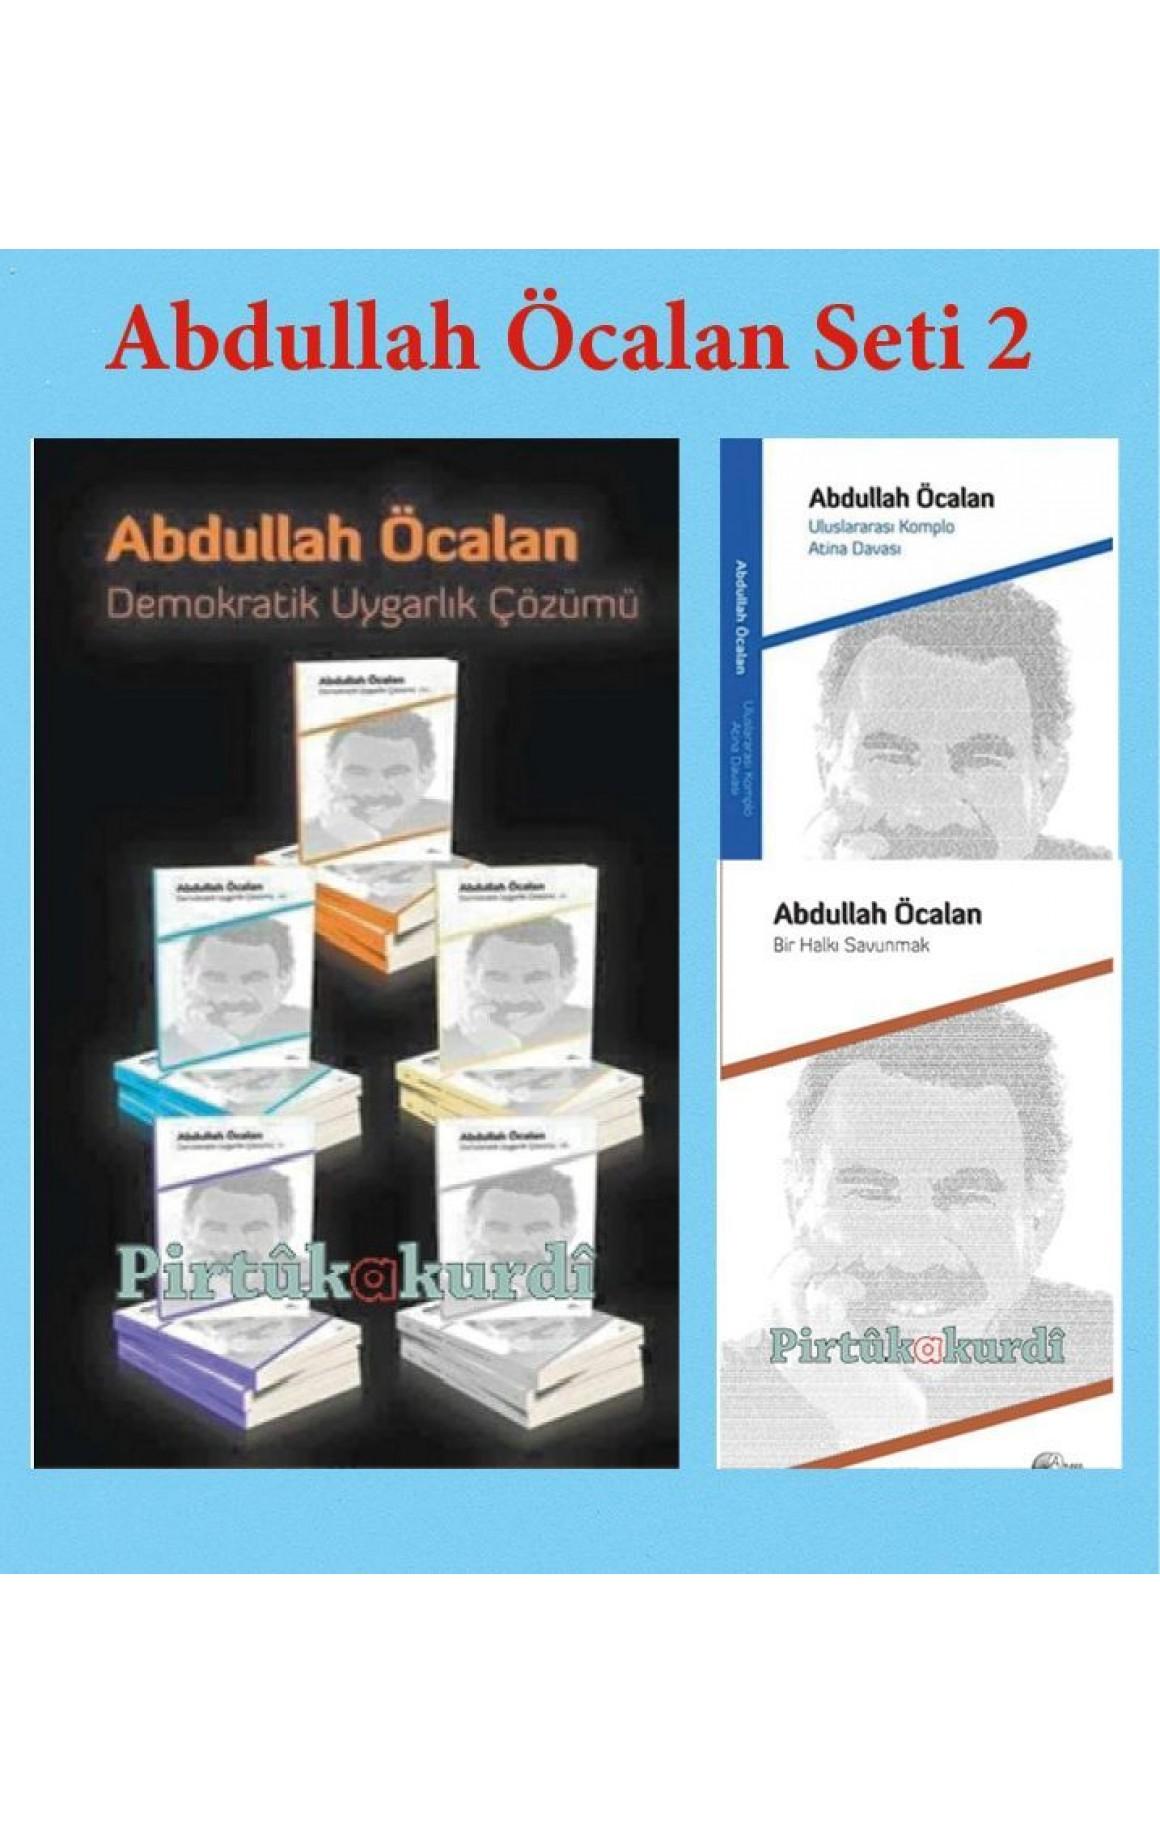 Abdullah Öcalan Seti 2